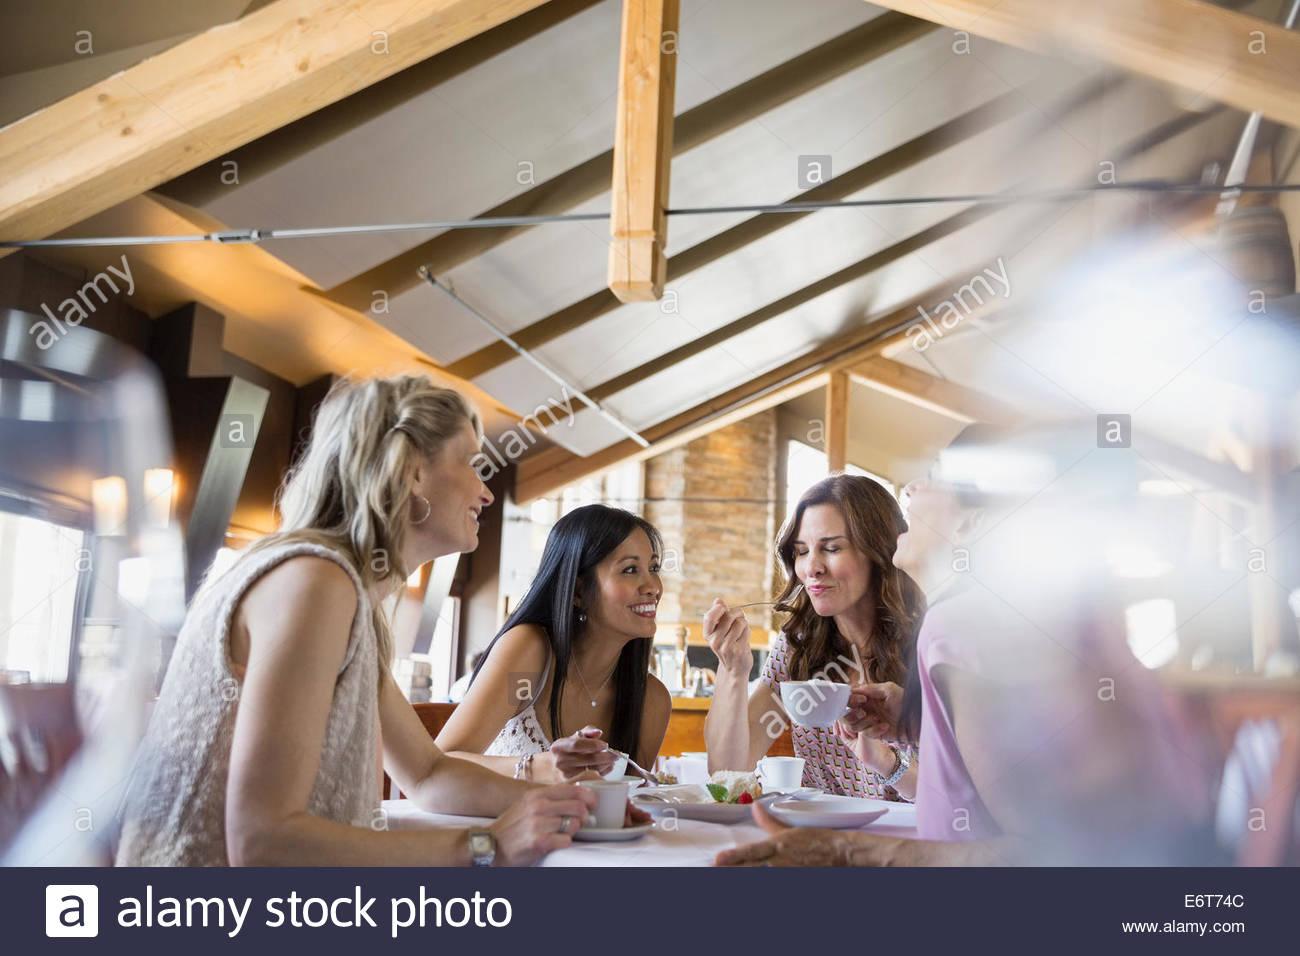 Las mujeres comiendo juntos en un restaurante Imagen De Stock